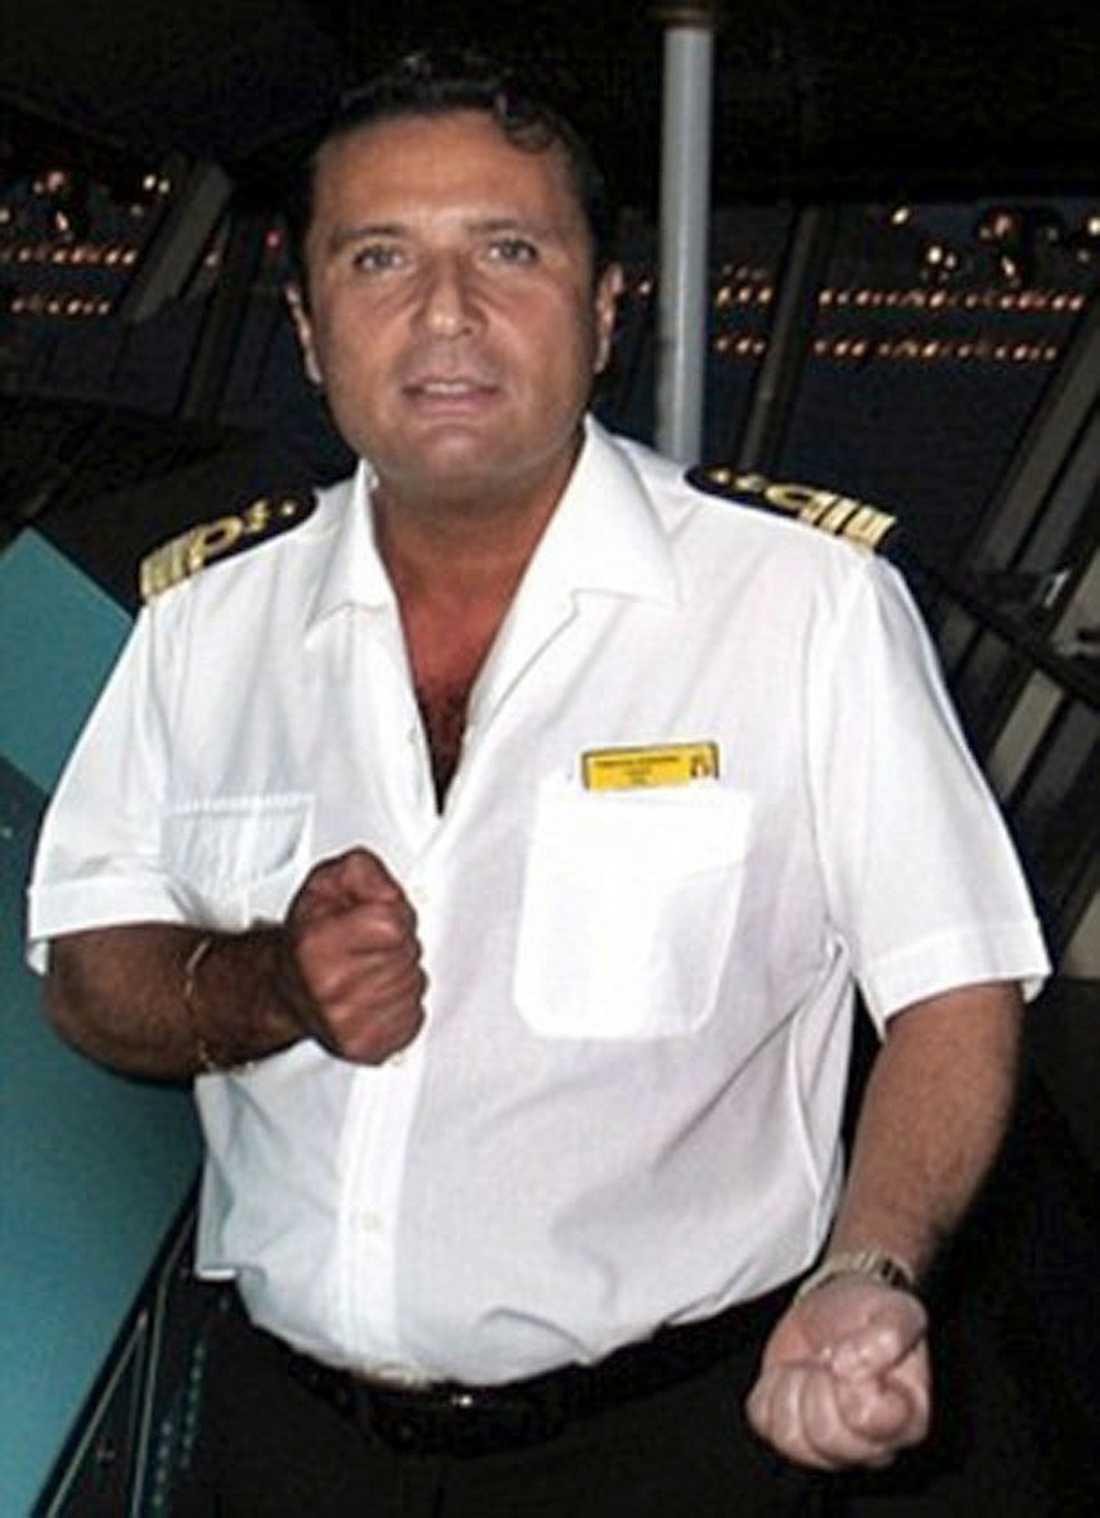 MINGLADE I BAREN Inte nog med att kaptenen Francesco Schettino, 52, ska ha suttit och minglat i baren. Att han dessutom var först av fartyget efter olyckan har väckt stor vrede hos det italienska folket.